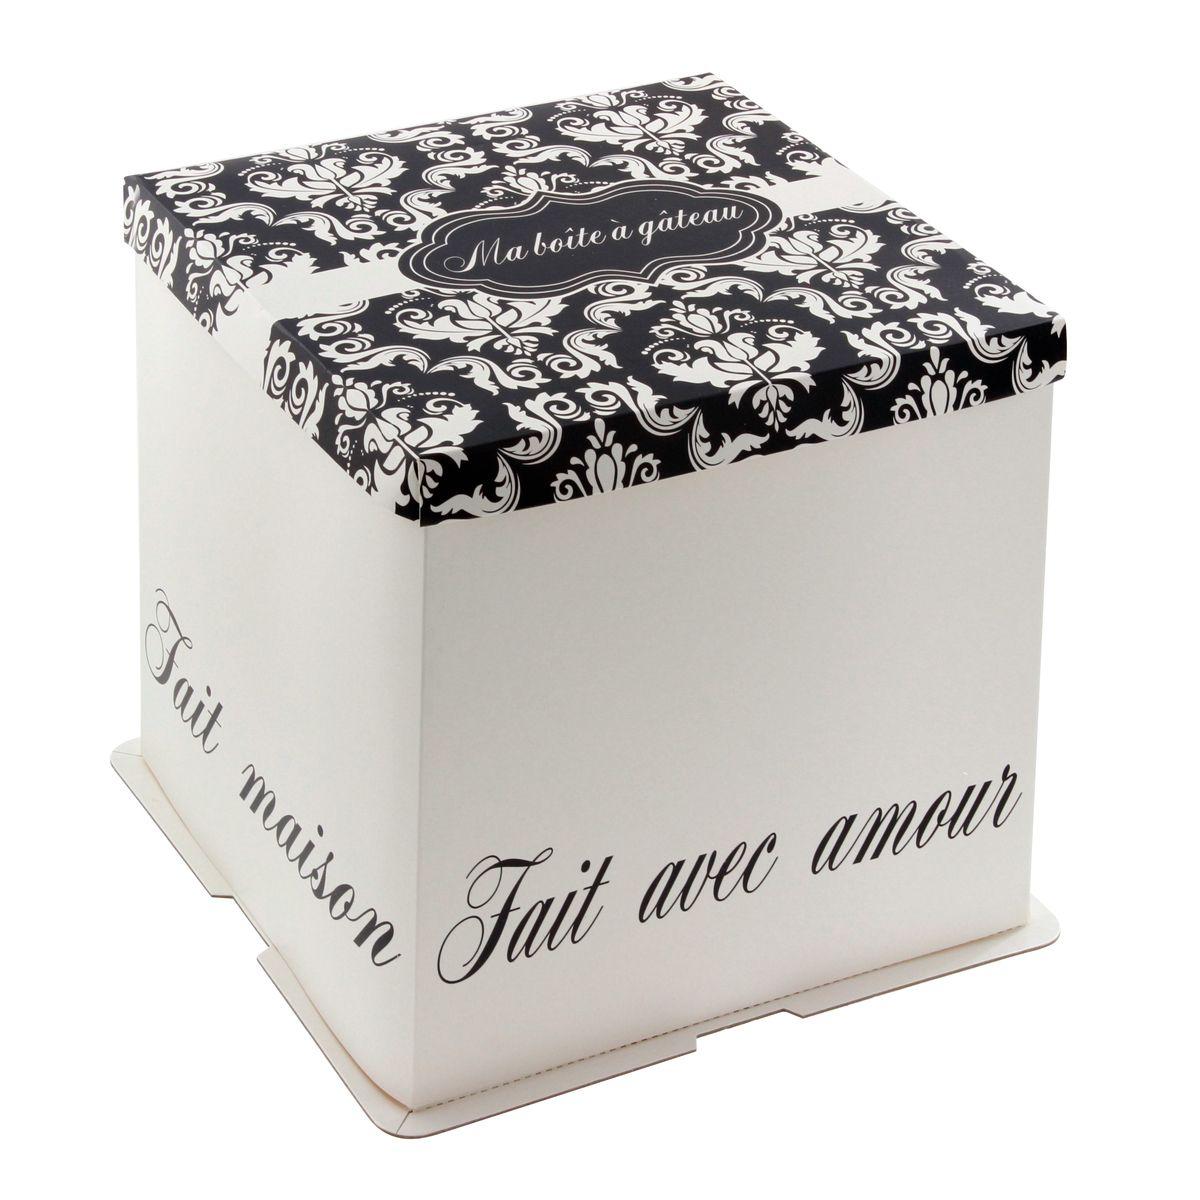 Boîte à gâteaux blanche et noire 26 x 26 x 24 cm - Patisdecor